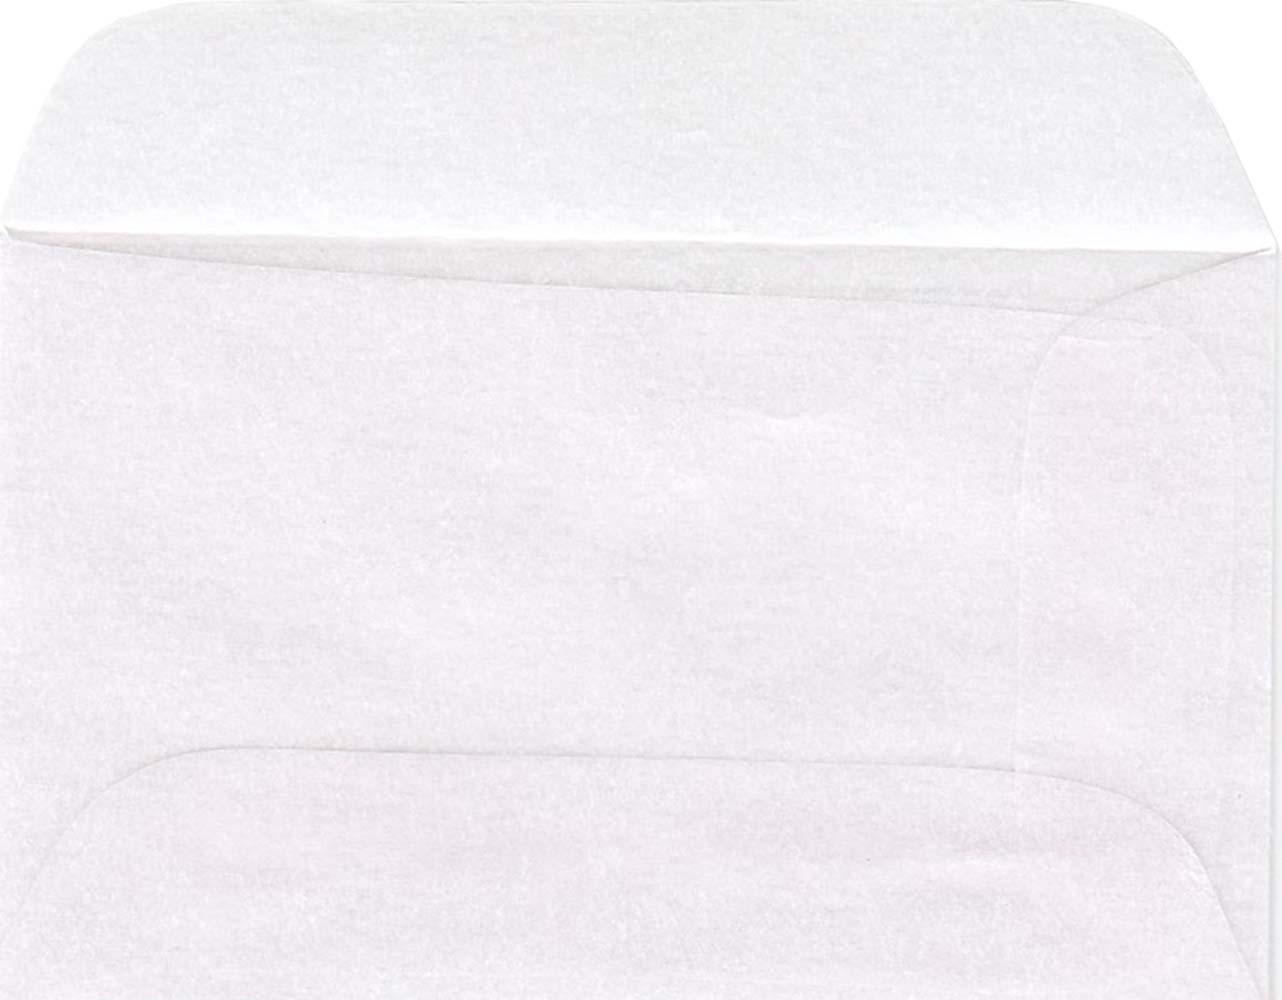 Glassine Envelopes 1 2 7 8 X 1 3 4